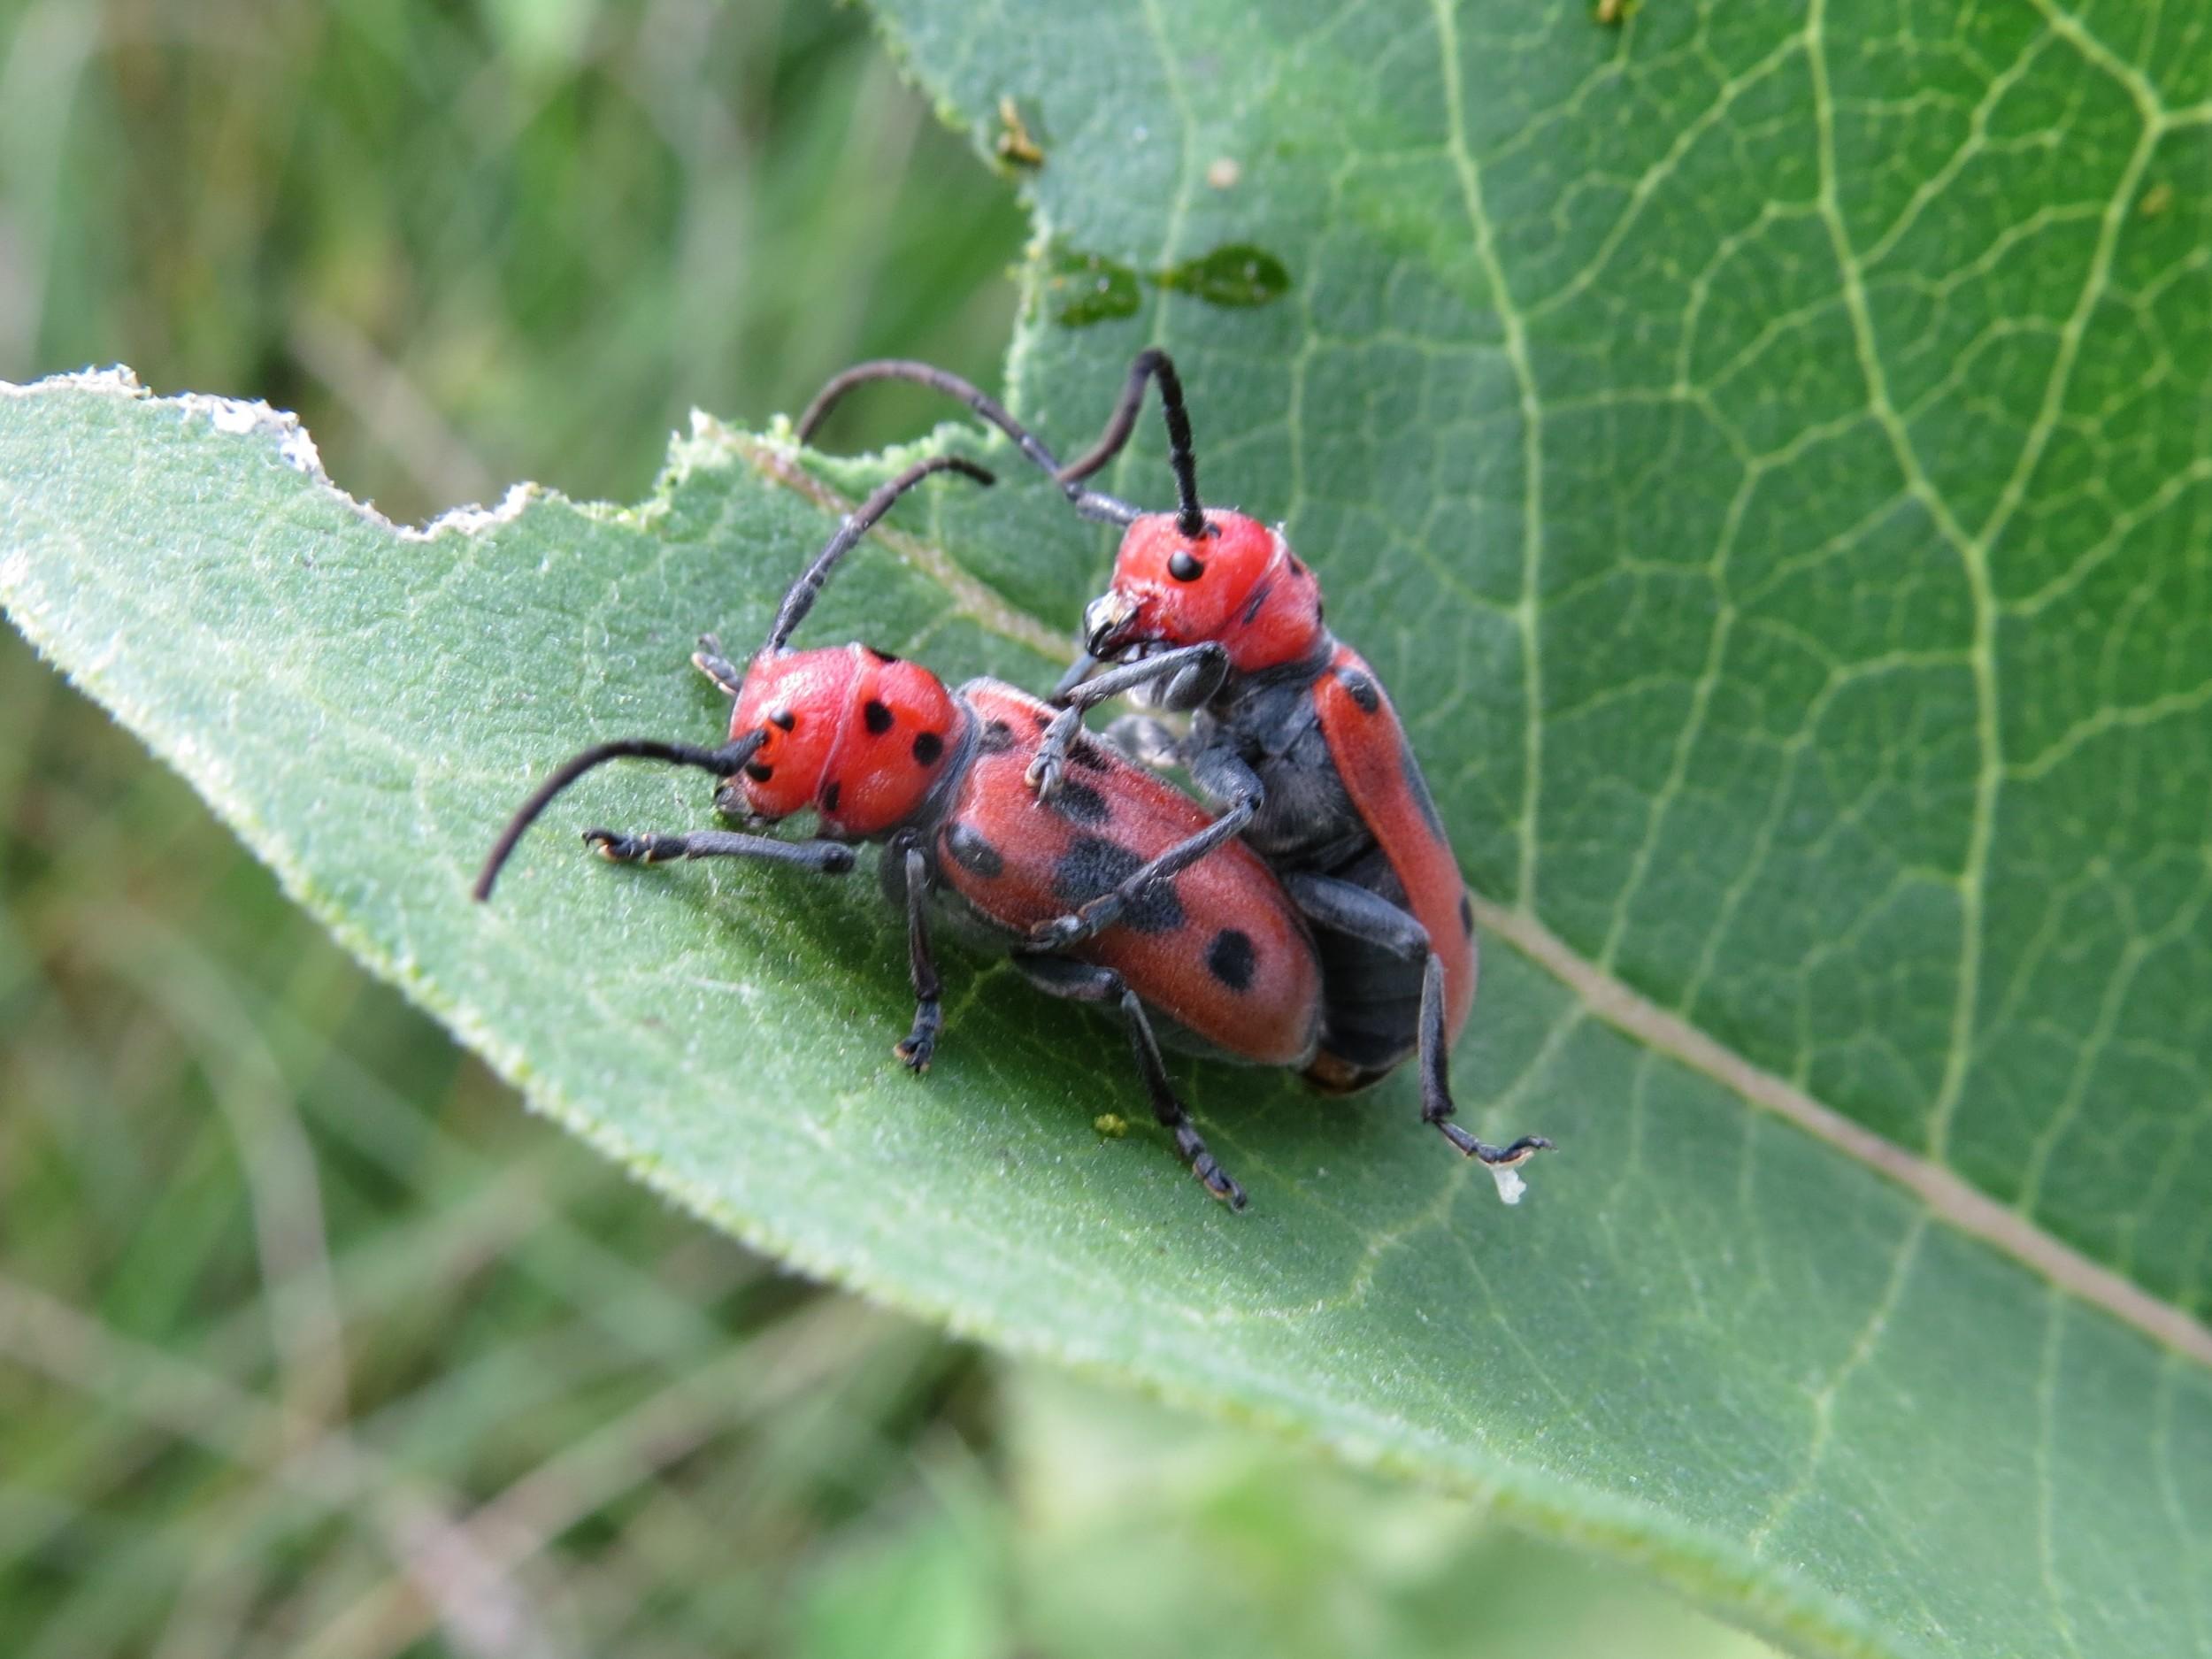 Red milkweed beetles mating on common milkweed